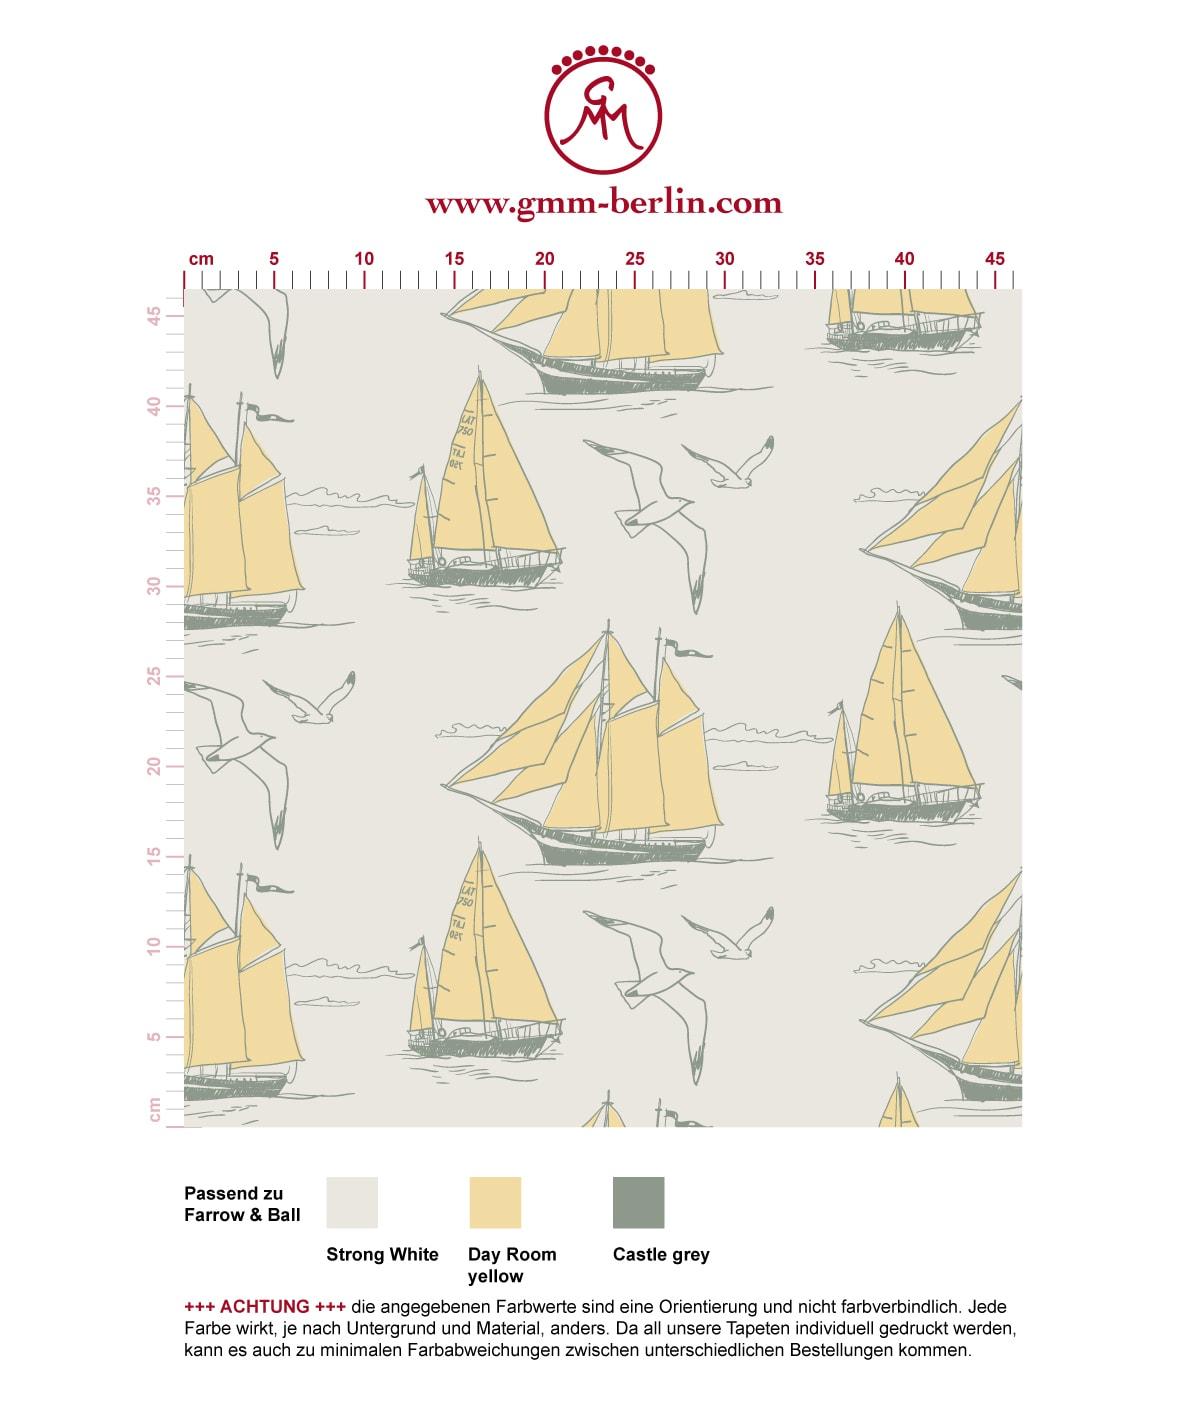 """Sonnige Segler Tapete """"Die Regatta"""" mit Segelbooten und Möwen auf gelb angepasst an Farrow and Ball Wandfarben- Vliestapete Tiere, Kinder"""